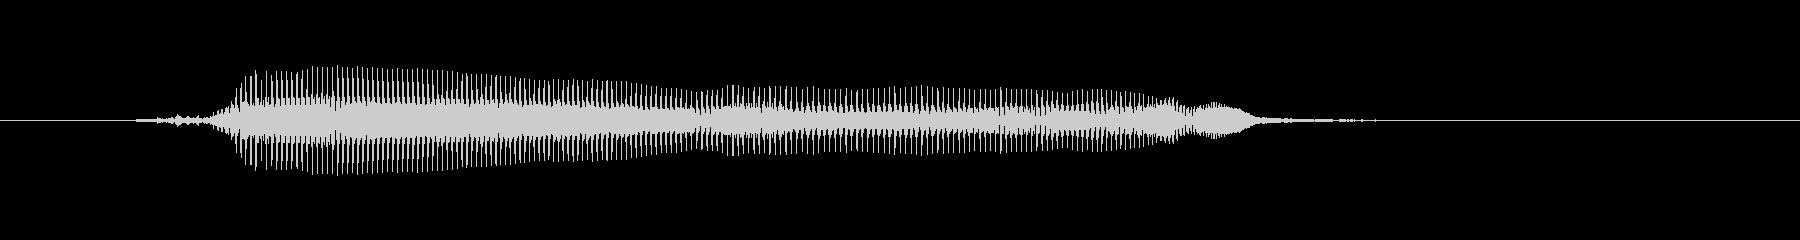 はぁ~い(女性・挨拶)の未再生の波形